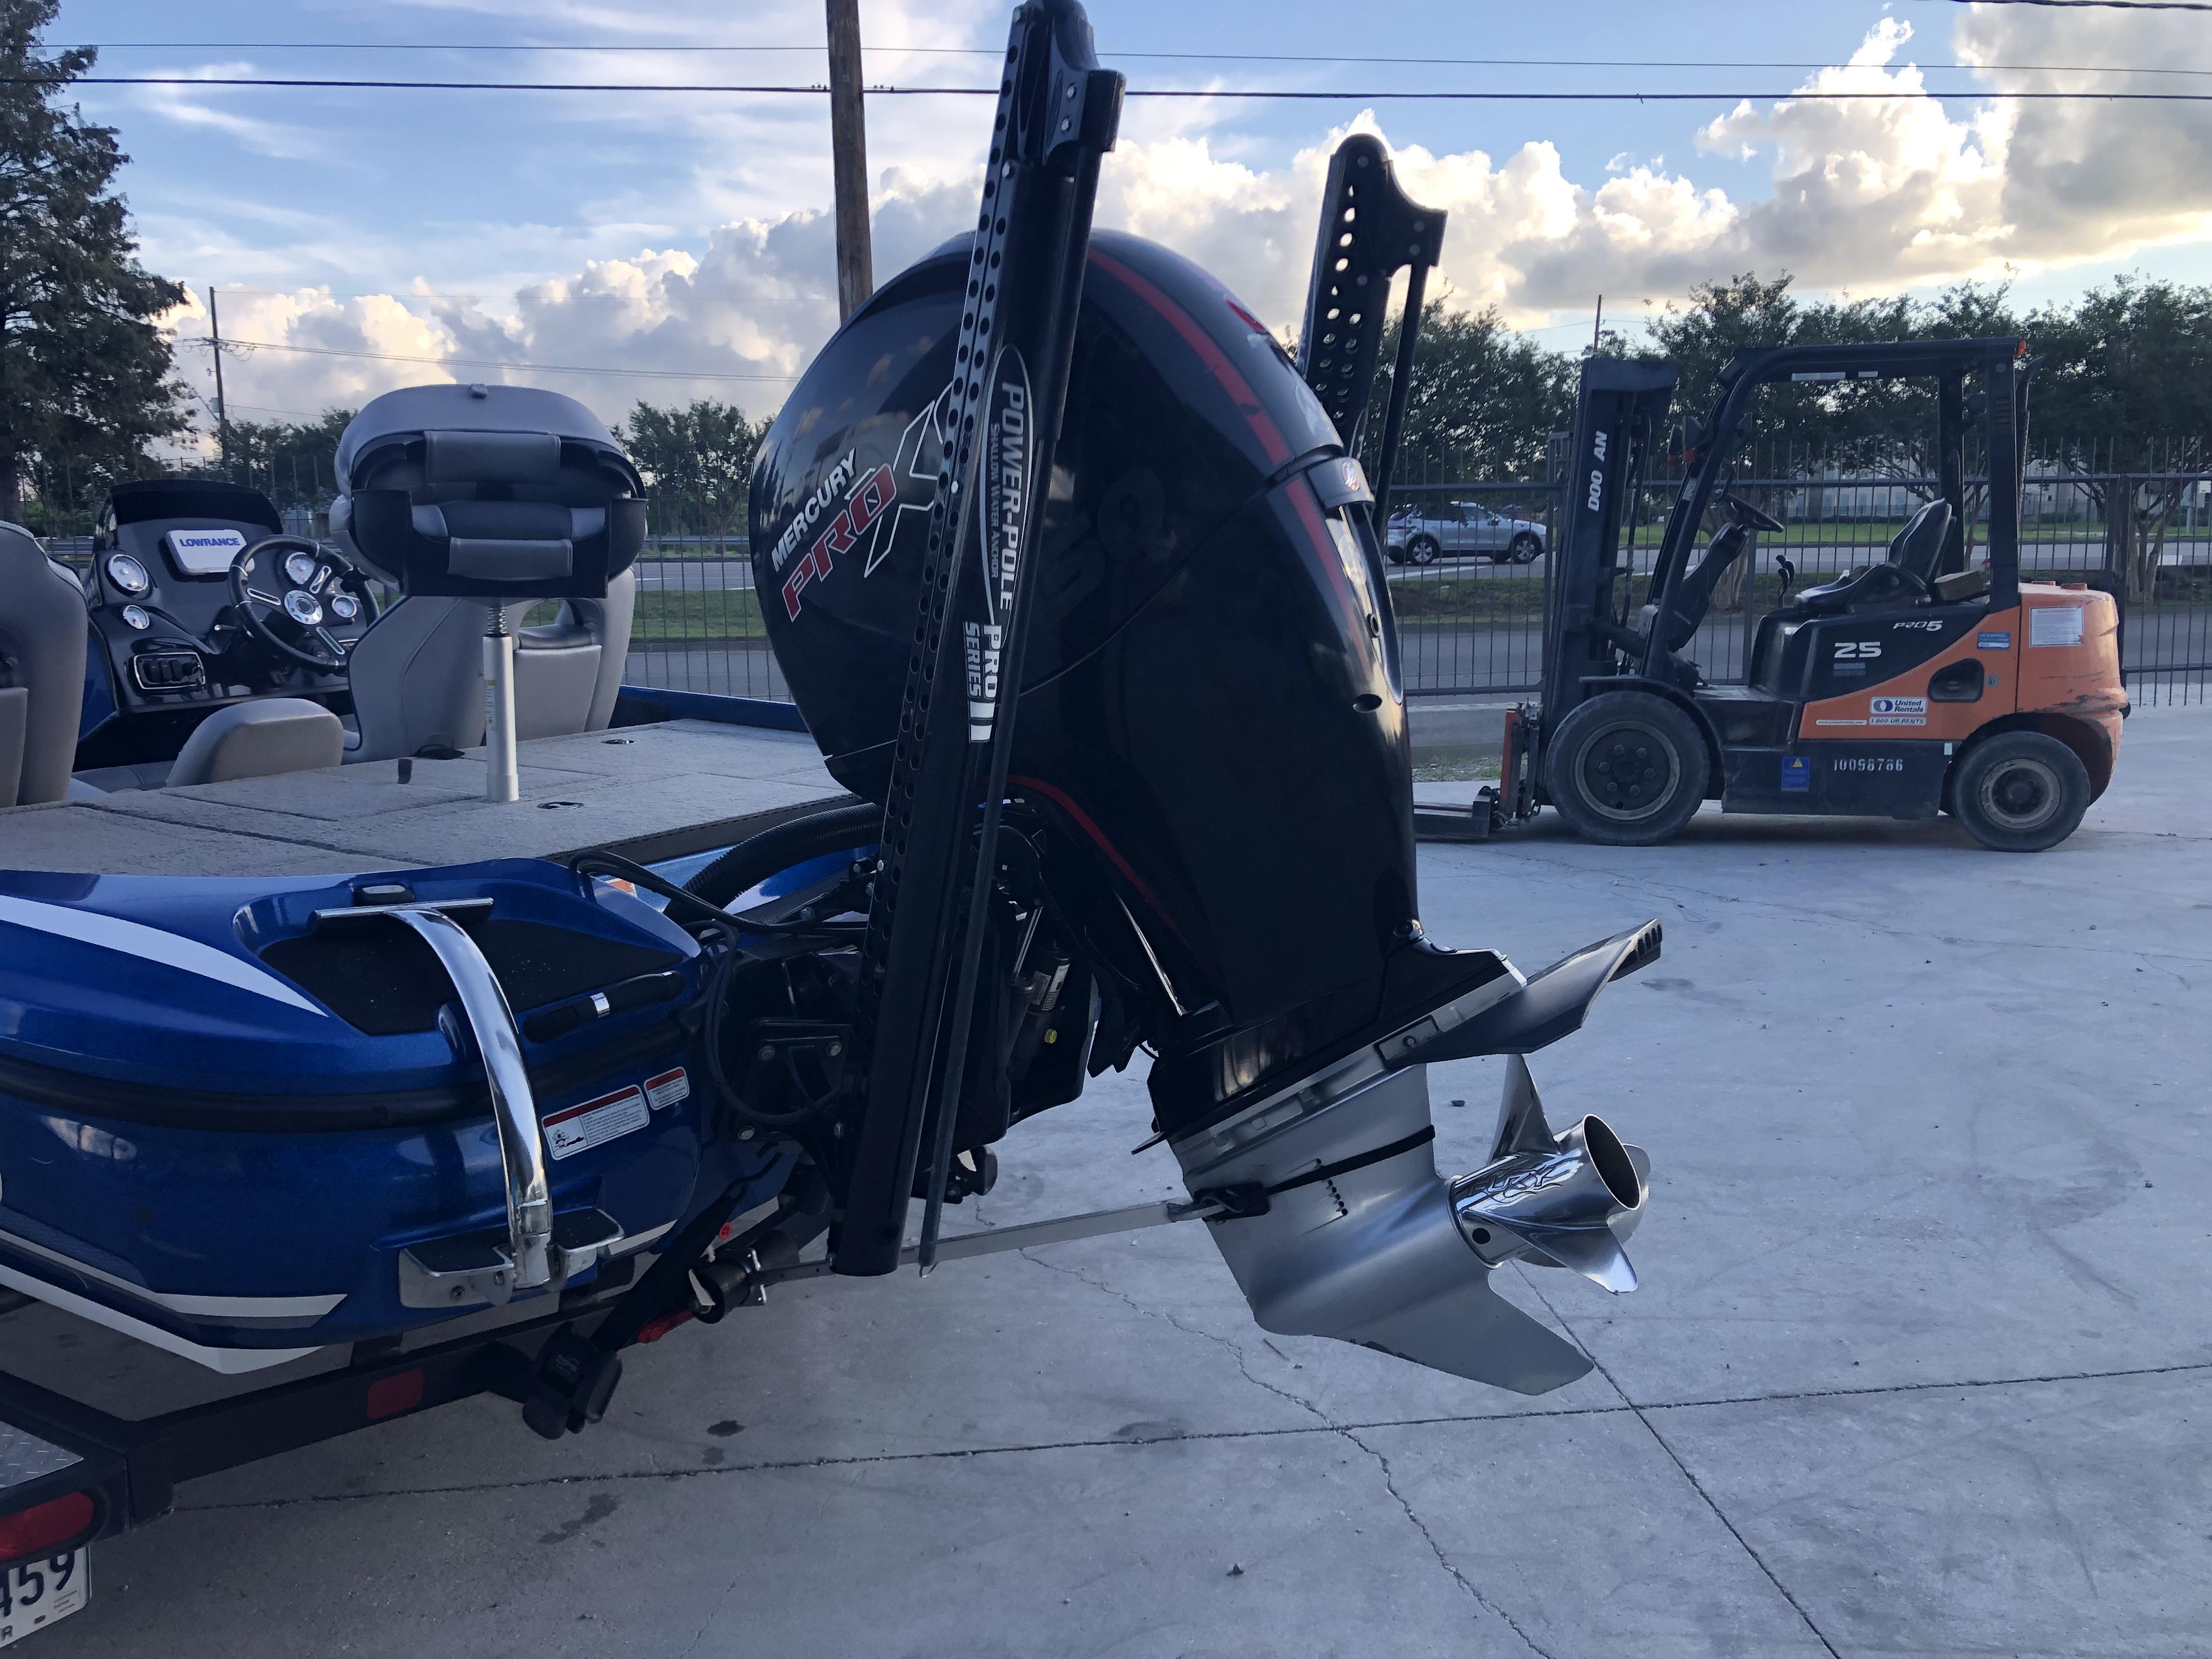 New  2019 Nitro Boats Bass Boat in Marrero, Louisiana